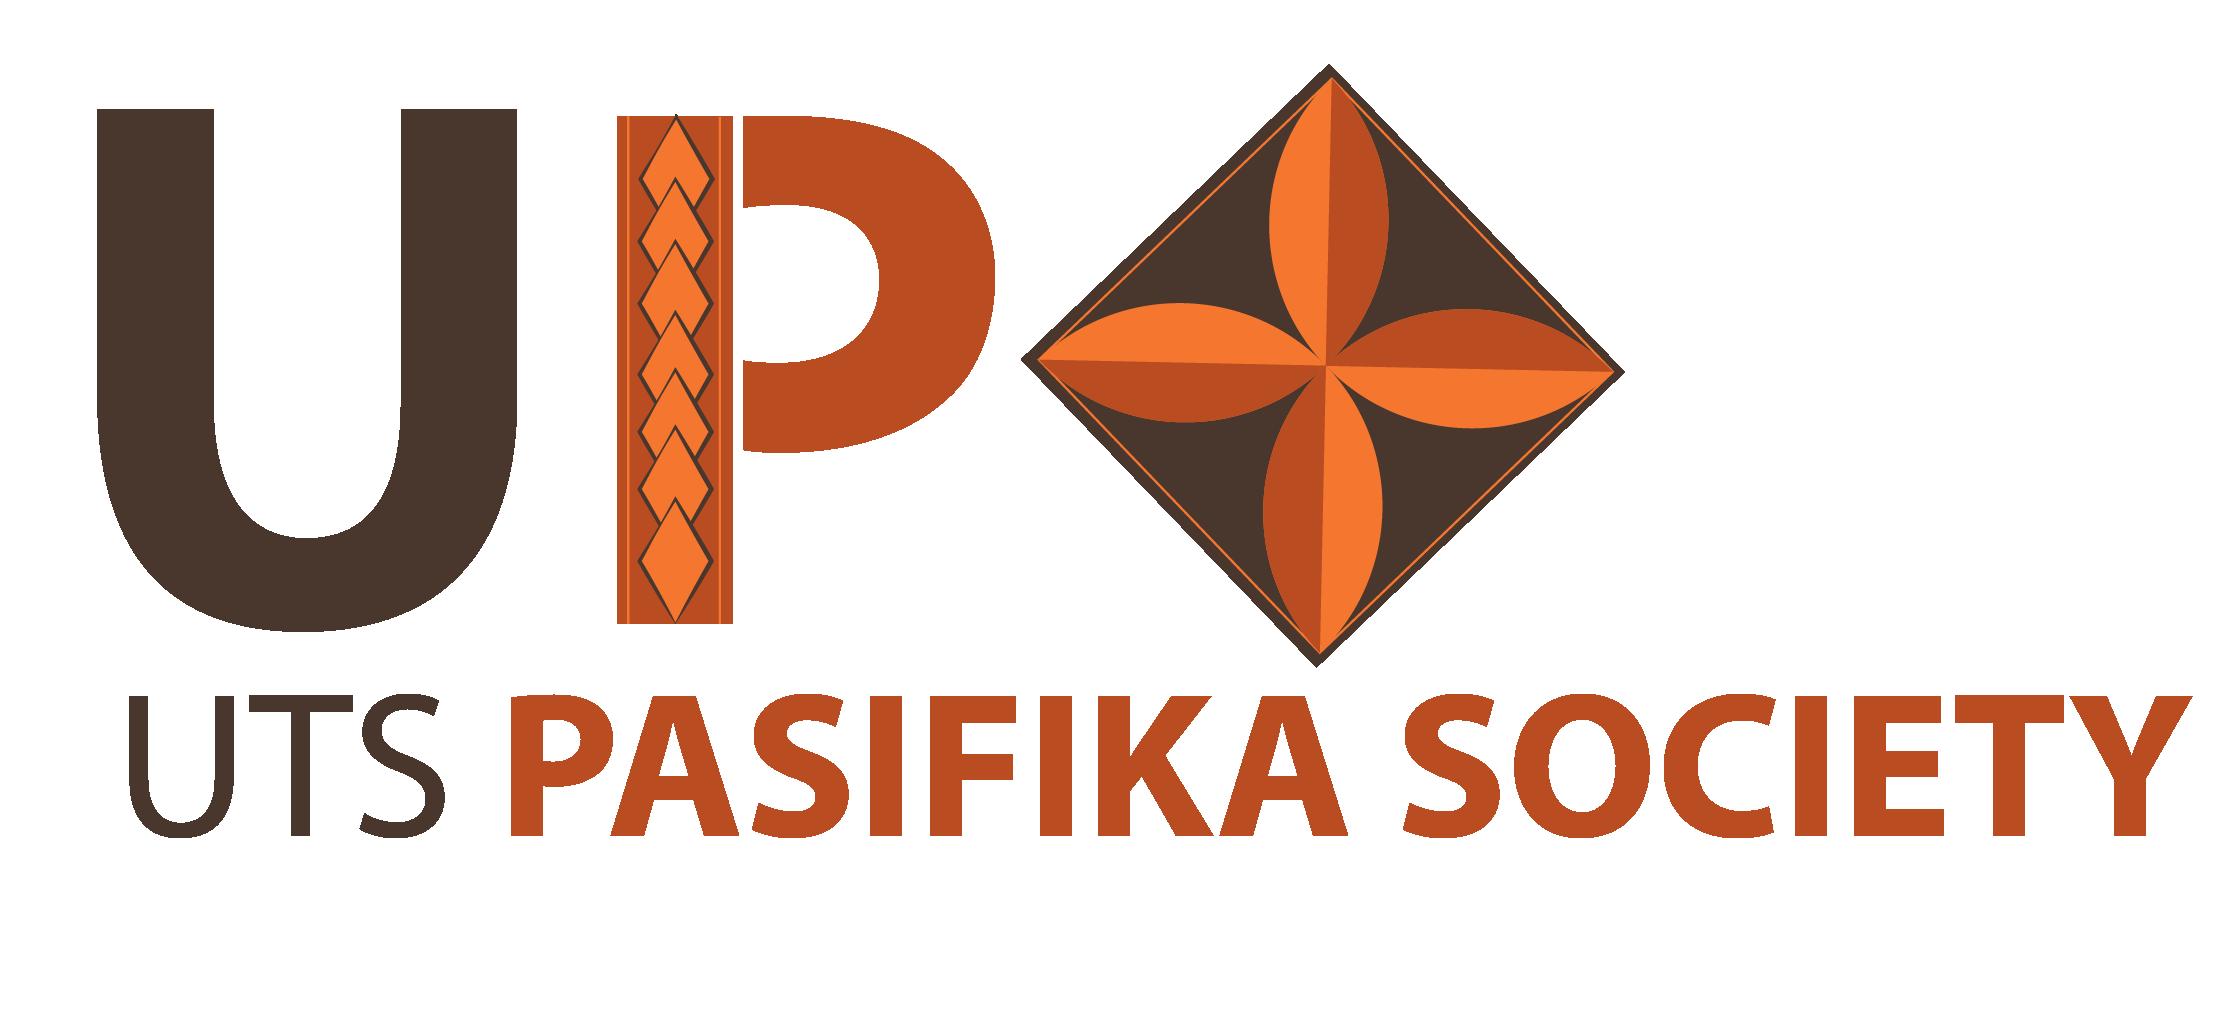 UTS Pasifika Society